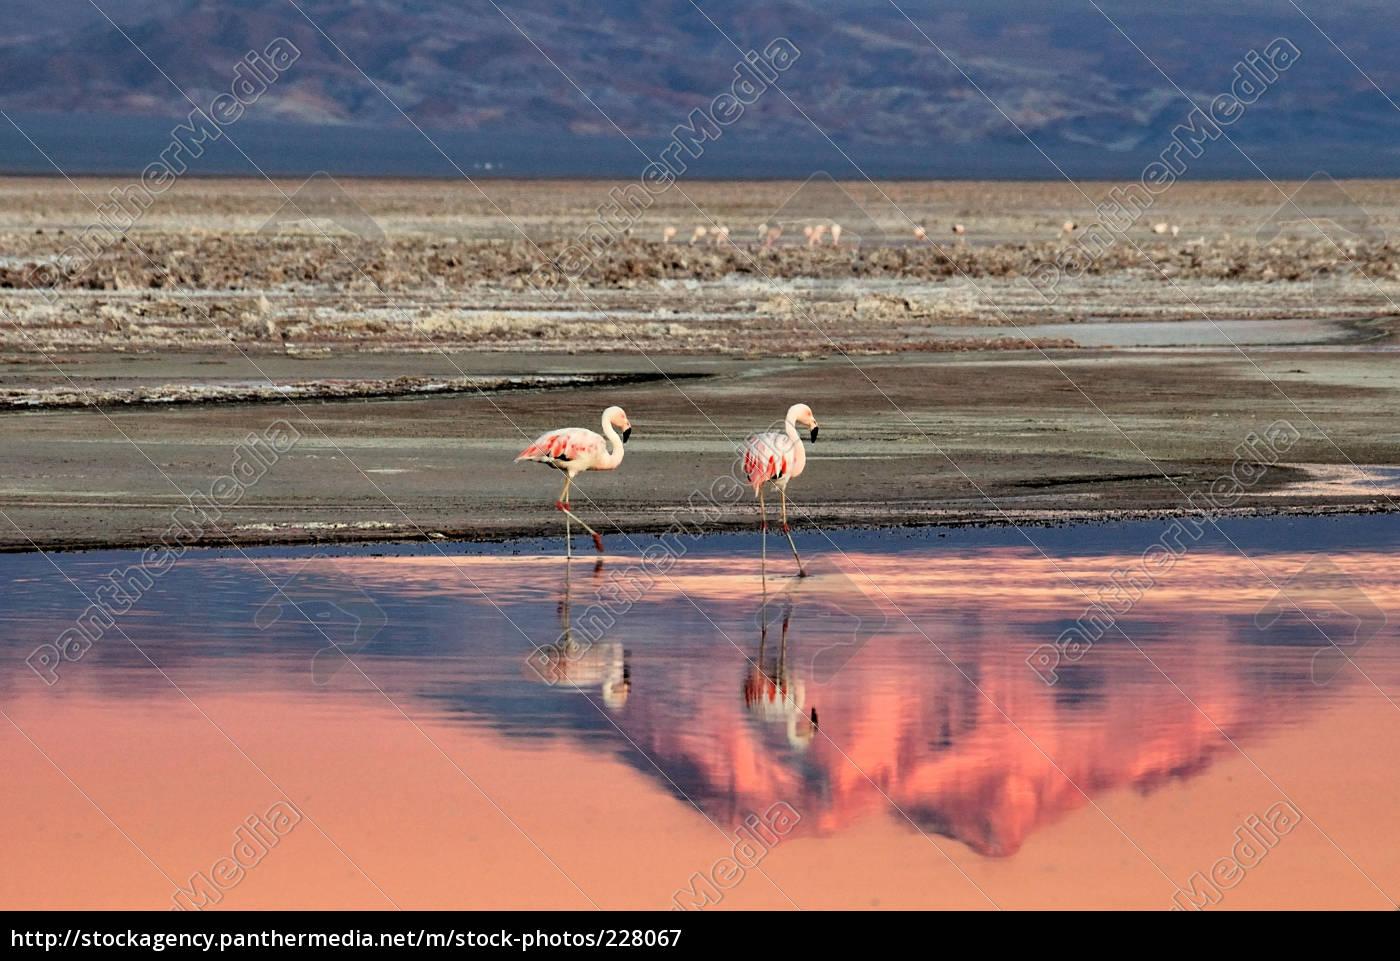 flamingos, am, see - 228067